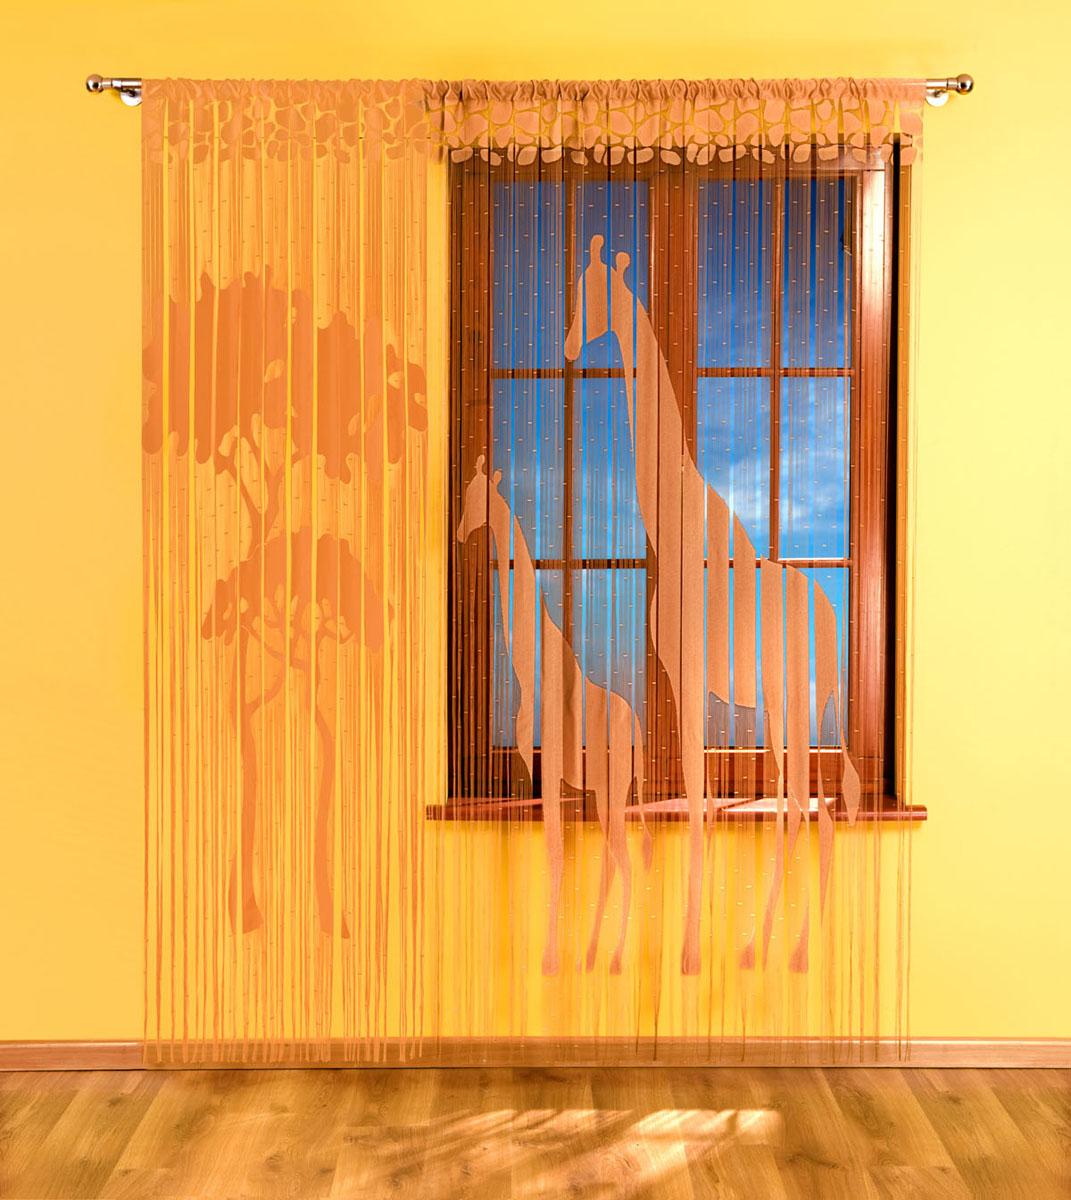 Гардина-лапша Жираф, на кулиске, цвет: кофе, высота 240 см734870Воздушная гардина-лапша Жираф, изготовленная из полиэстера кофейного цвета, станет великолепным украшением любого окна. Тонкое плетение, оригинальный принт, приятная цветовая гамма привлекут к себе внимание и органично впишется в интерьер комнаты. Верхняя часть гардины оснащена кулиской для крепления на круглый карниз. Характеристики: Материал: 100% полиэстер. Цвет: кофе. Высота кулиски: 5,5 см. Размер упаковки: 25 см х 36 см х 3 см. Артикул: 734870. В комплект входит: Гардина-лапша - 1 шт. Размер (ШхВ): 150 см х 240 см. Гардина-лапша - 1 шт. Размер (ШхВ): 90 см х 240 см. Фирма Wisan на польском рынке существует уже более пятидесяти лет и является одной из лучших польских фабрик по производству штор и тканей. Ассортимент фирмы представлен готовыми комплектами штор для гостиной, детской, кухни, а также текстилем для кухни (скатерти, салфетки, дорожки, кухонные занавески). Модельный ряд отличает оригинальный дизайн,...